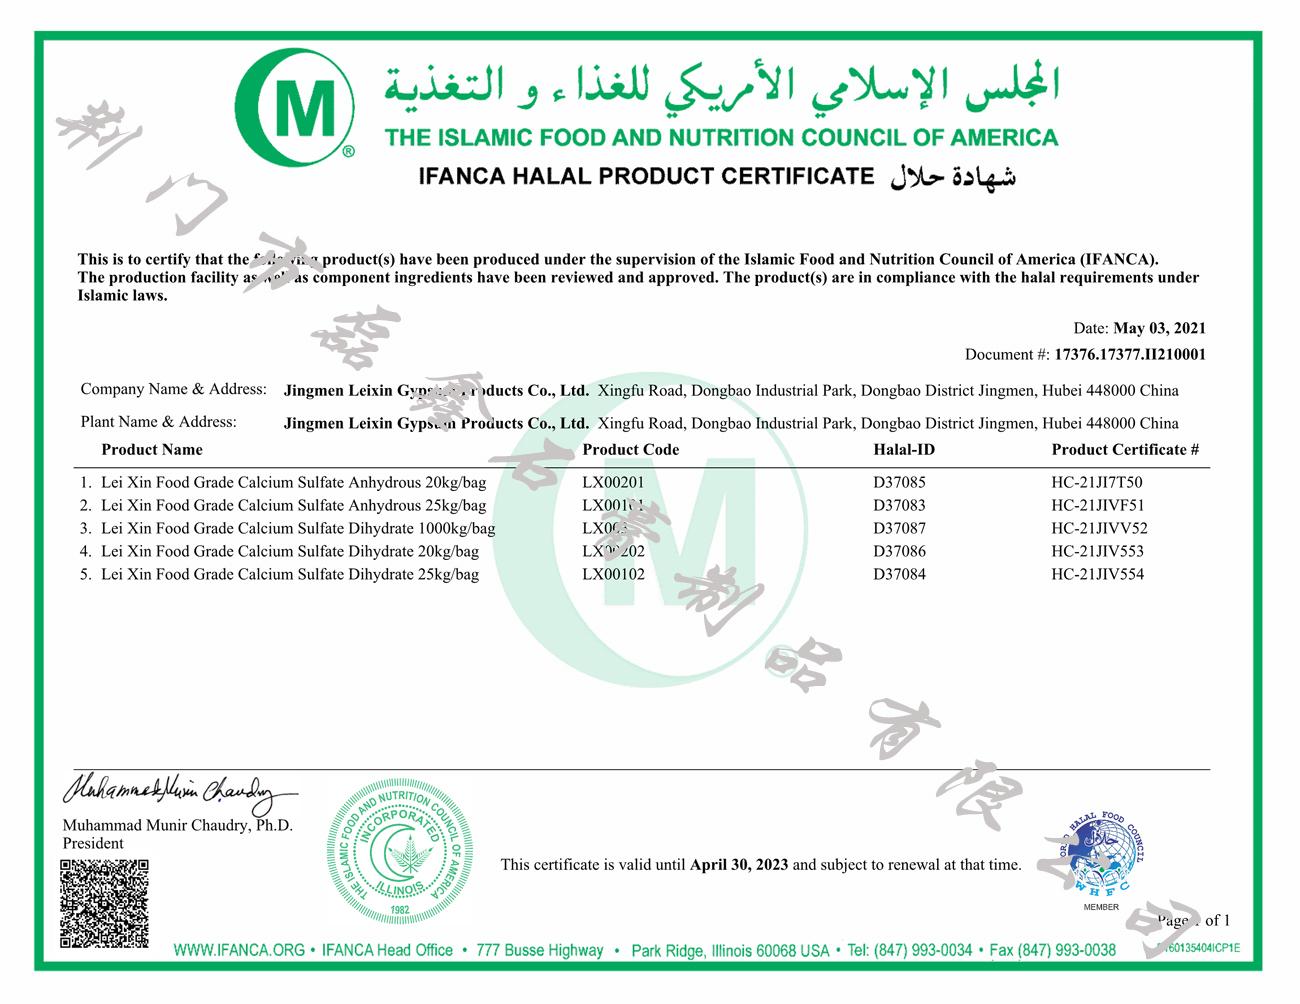 HALAL证书20210506水印版.jpg